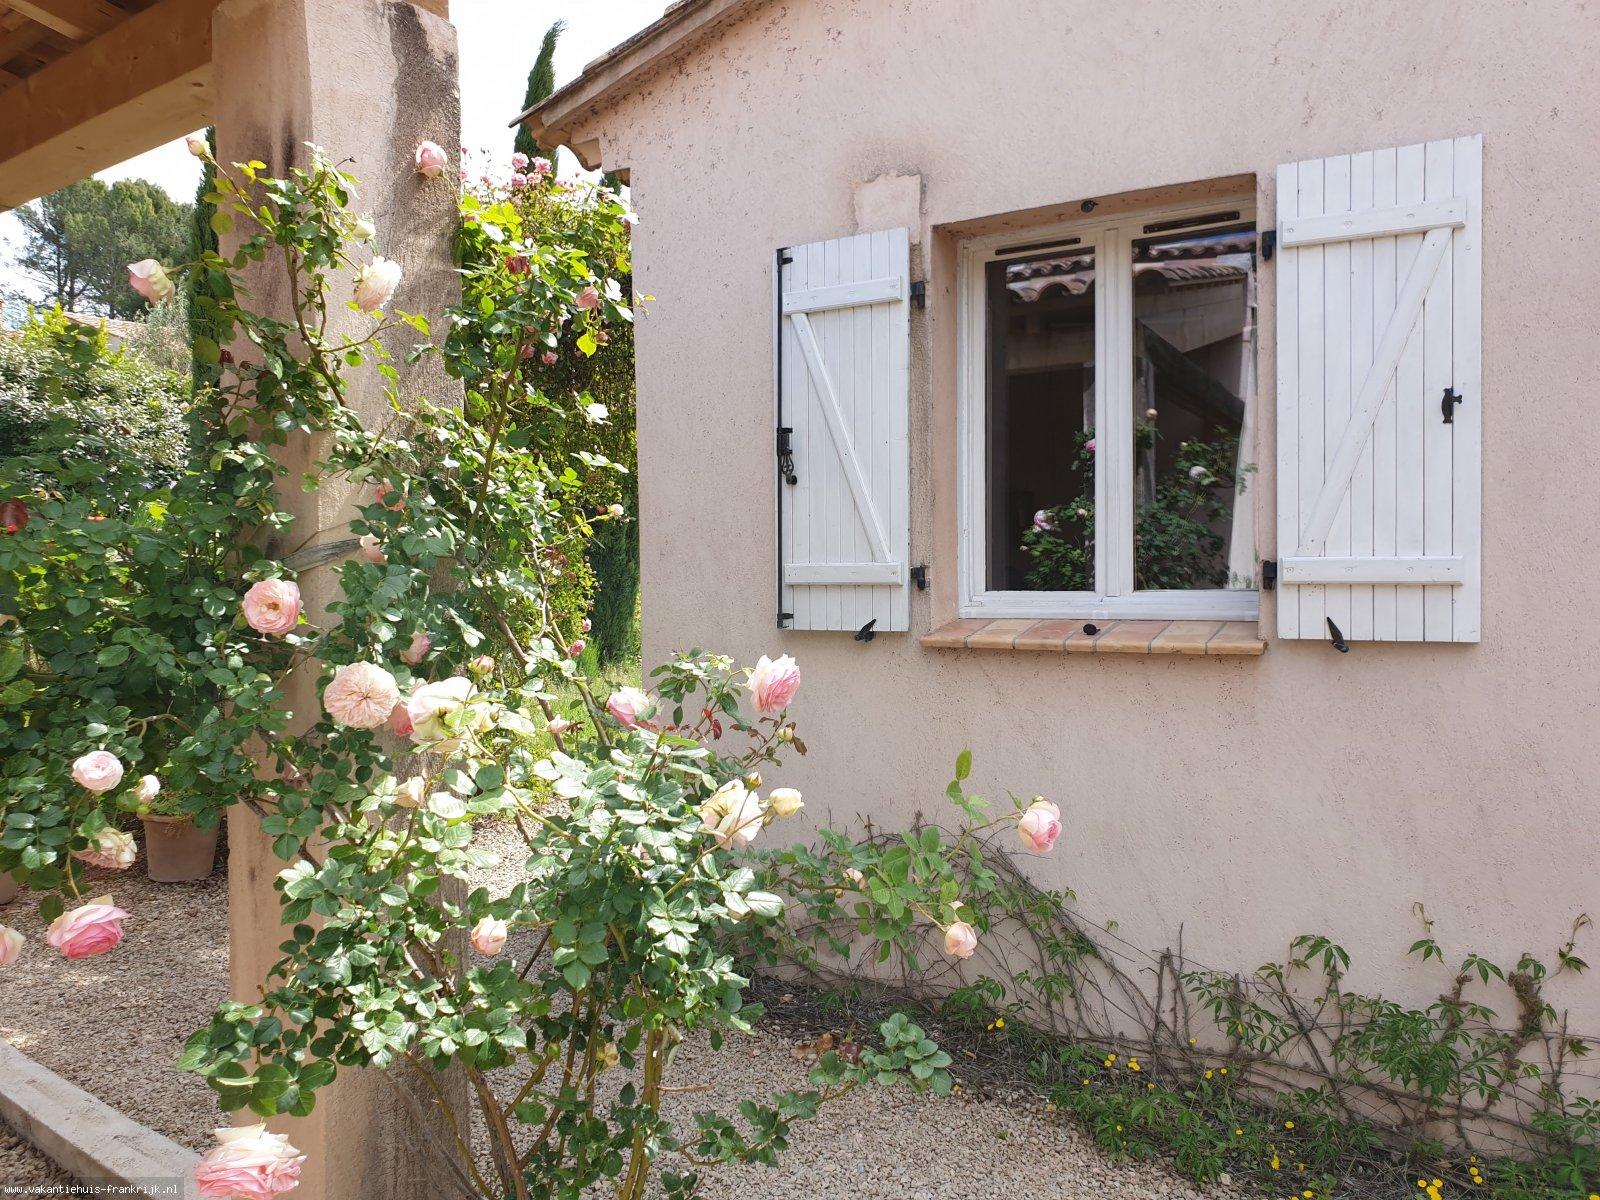 Vakantiehuis: Droomvakantie midden in de Provence te huur voor uw vakantie in Var (Frankrijk)